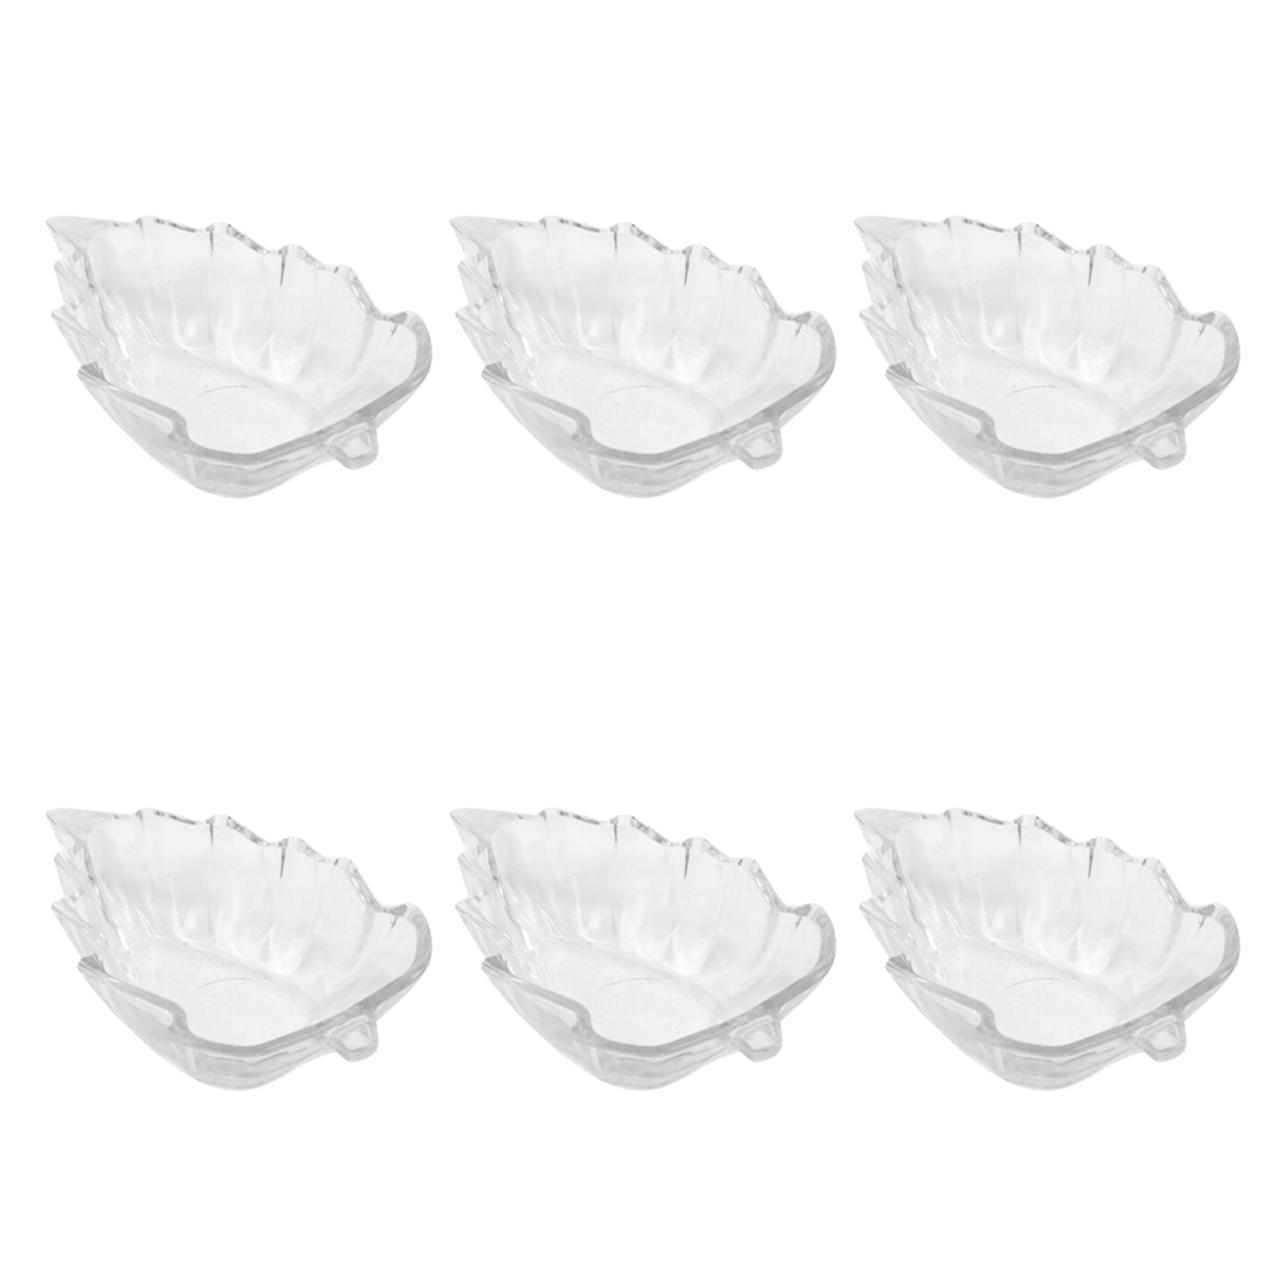 کاسه بلور کاوه مدل ورونا کد 7174 بسته 6 عددی